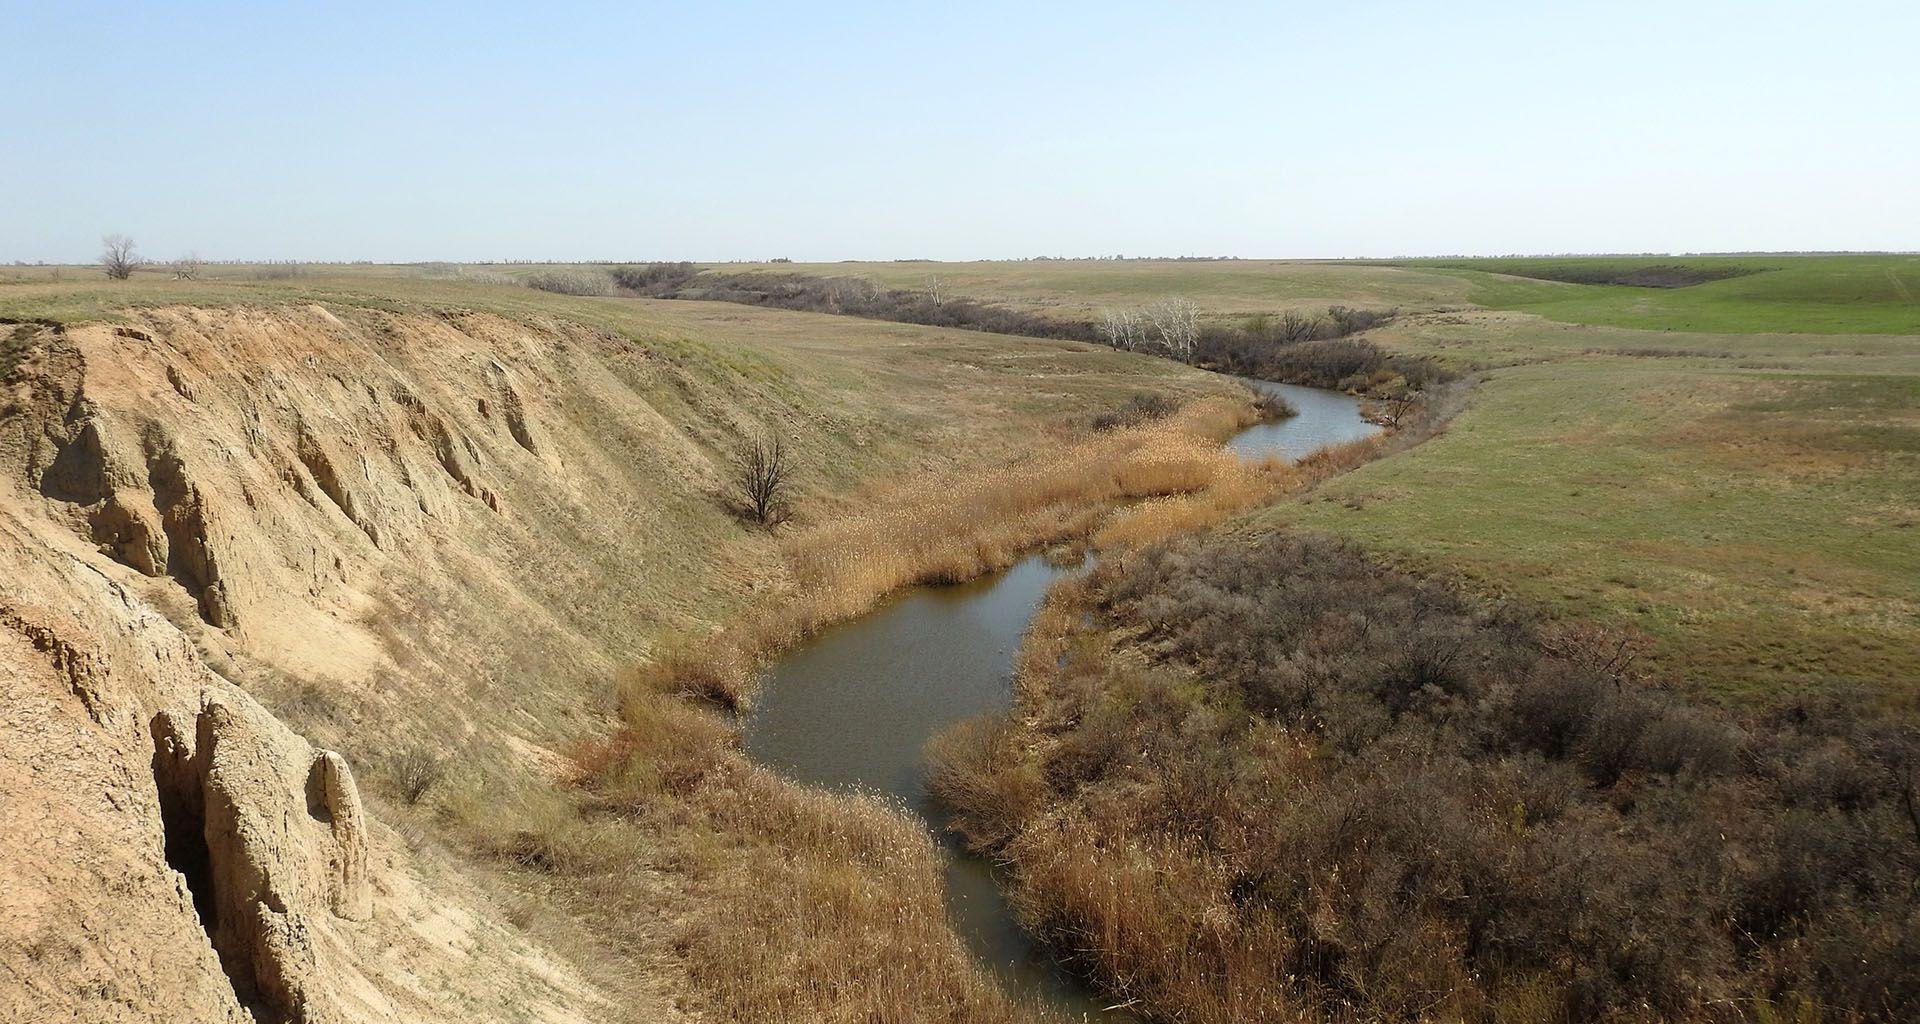 река Большой Караман в Советском районе